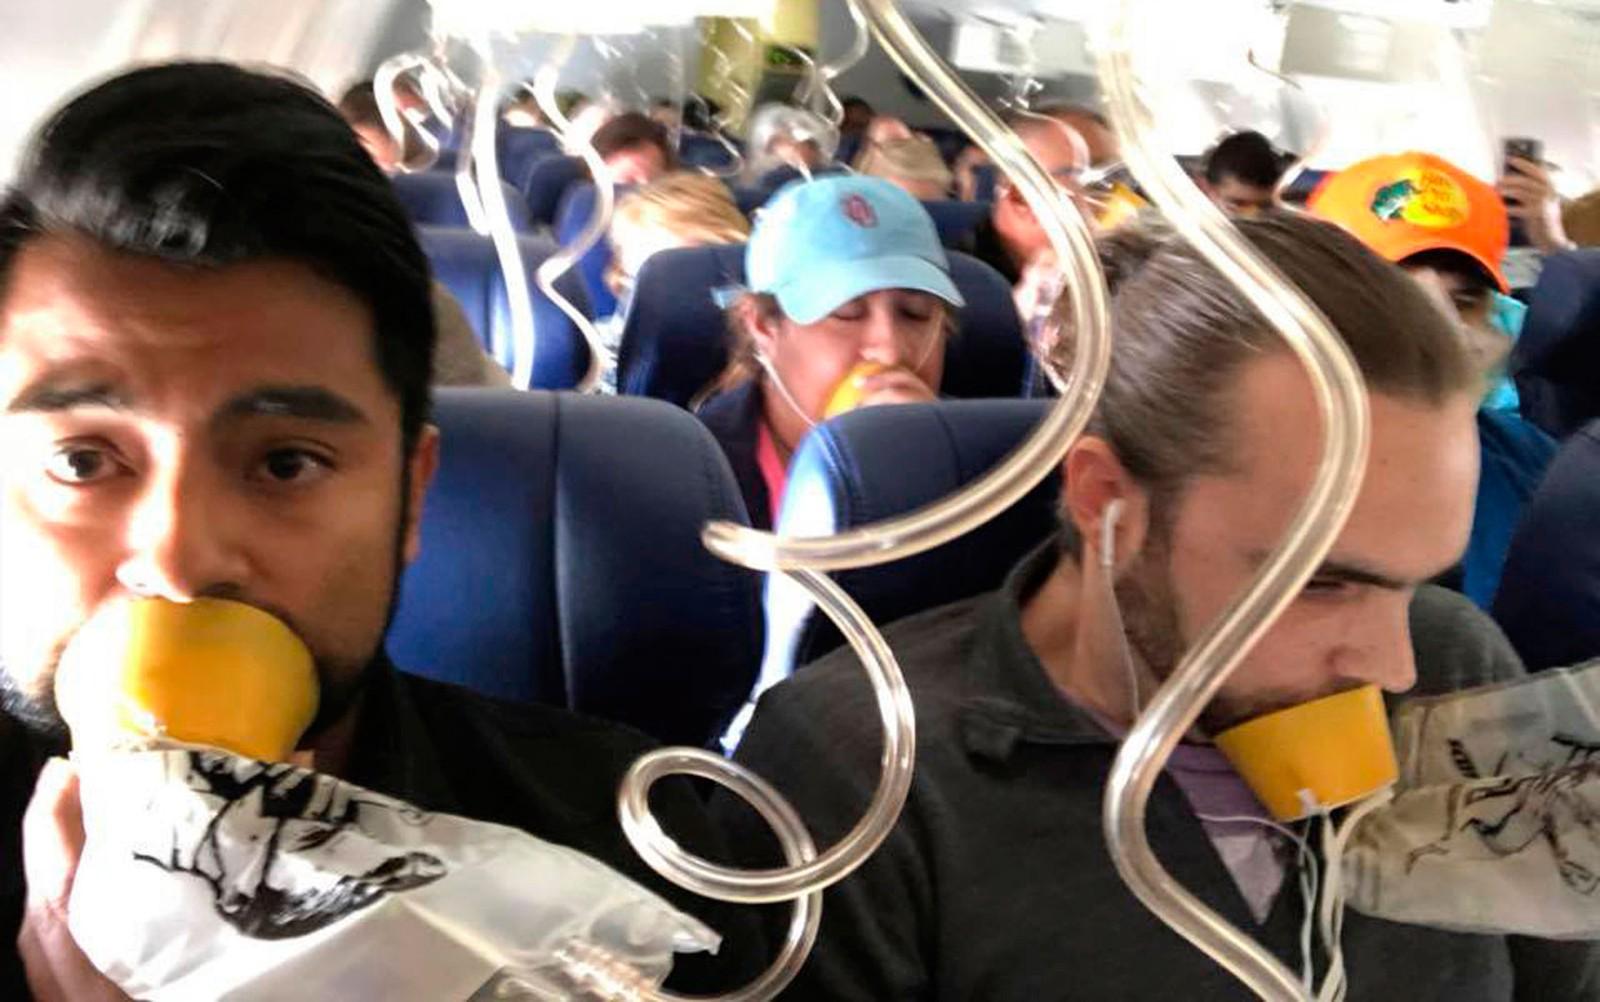 Passageiros descrevem 22 minutos de pânico em voo no qual mulher morreu ao ser sugada nos EUA